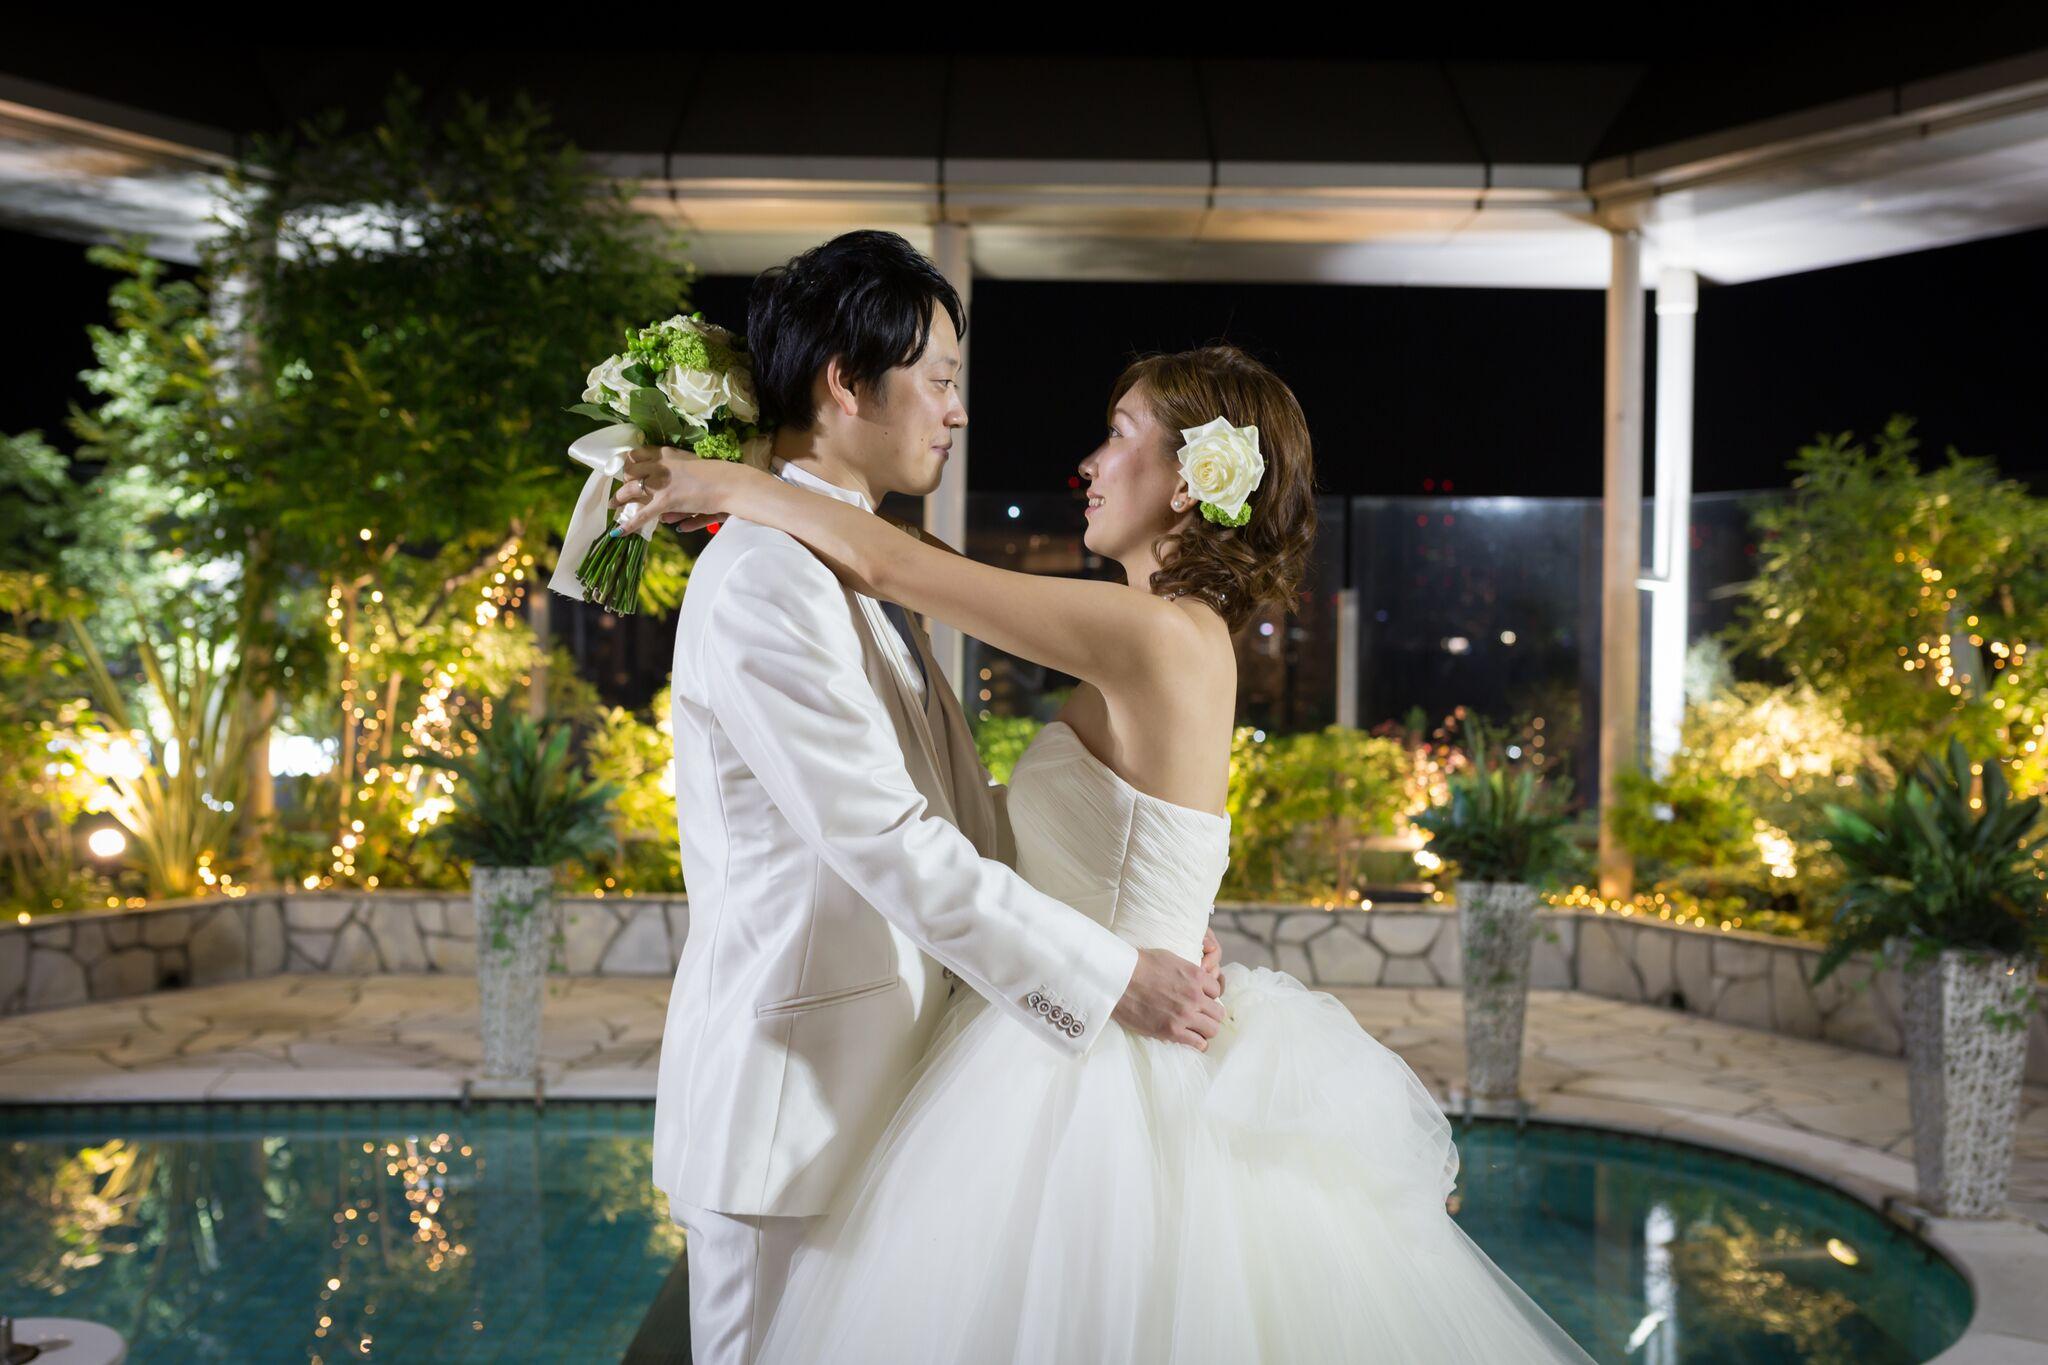 大好きなバリで挙式したお二人、アフターパーティーとして南国の異空間を楽しめる【レギャン東京】を舞台に。